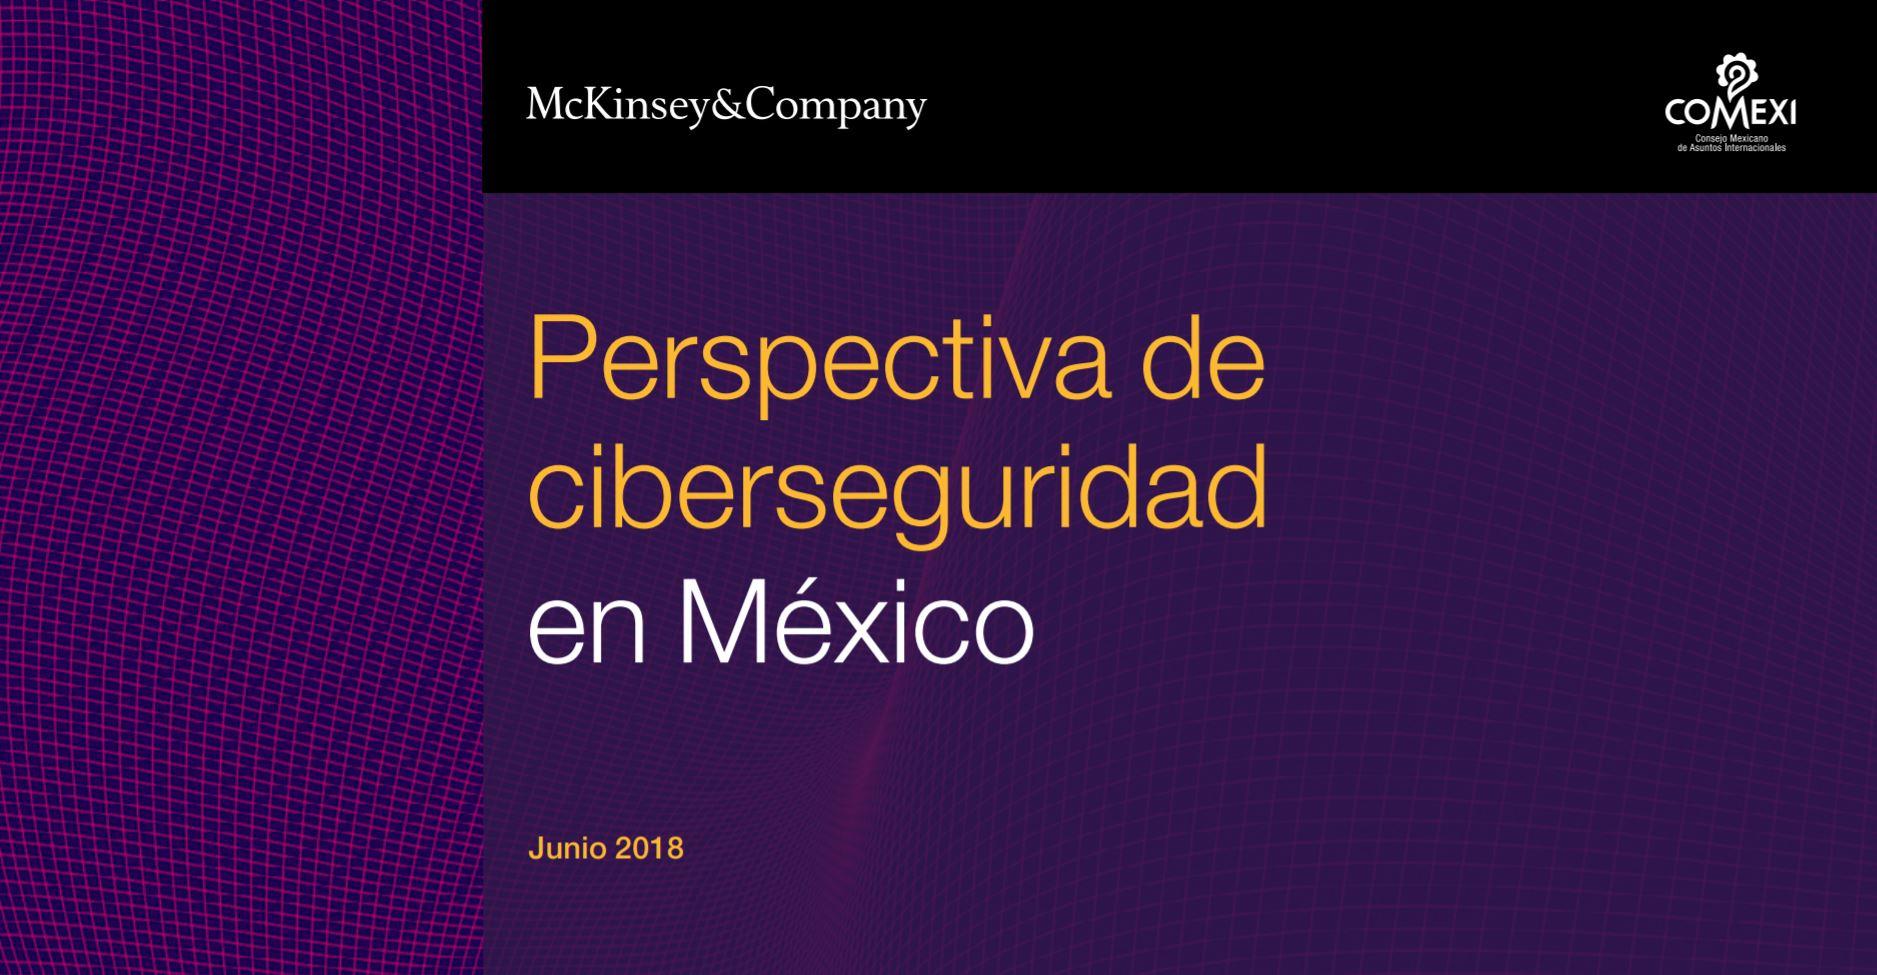 Perspectiva de ciberseguridad en México